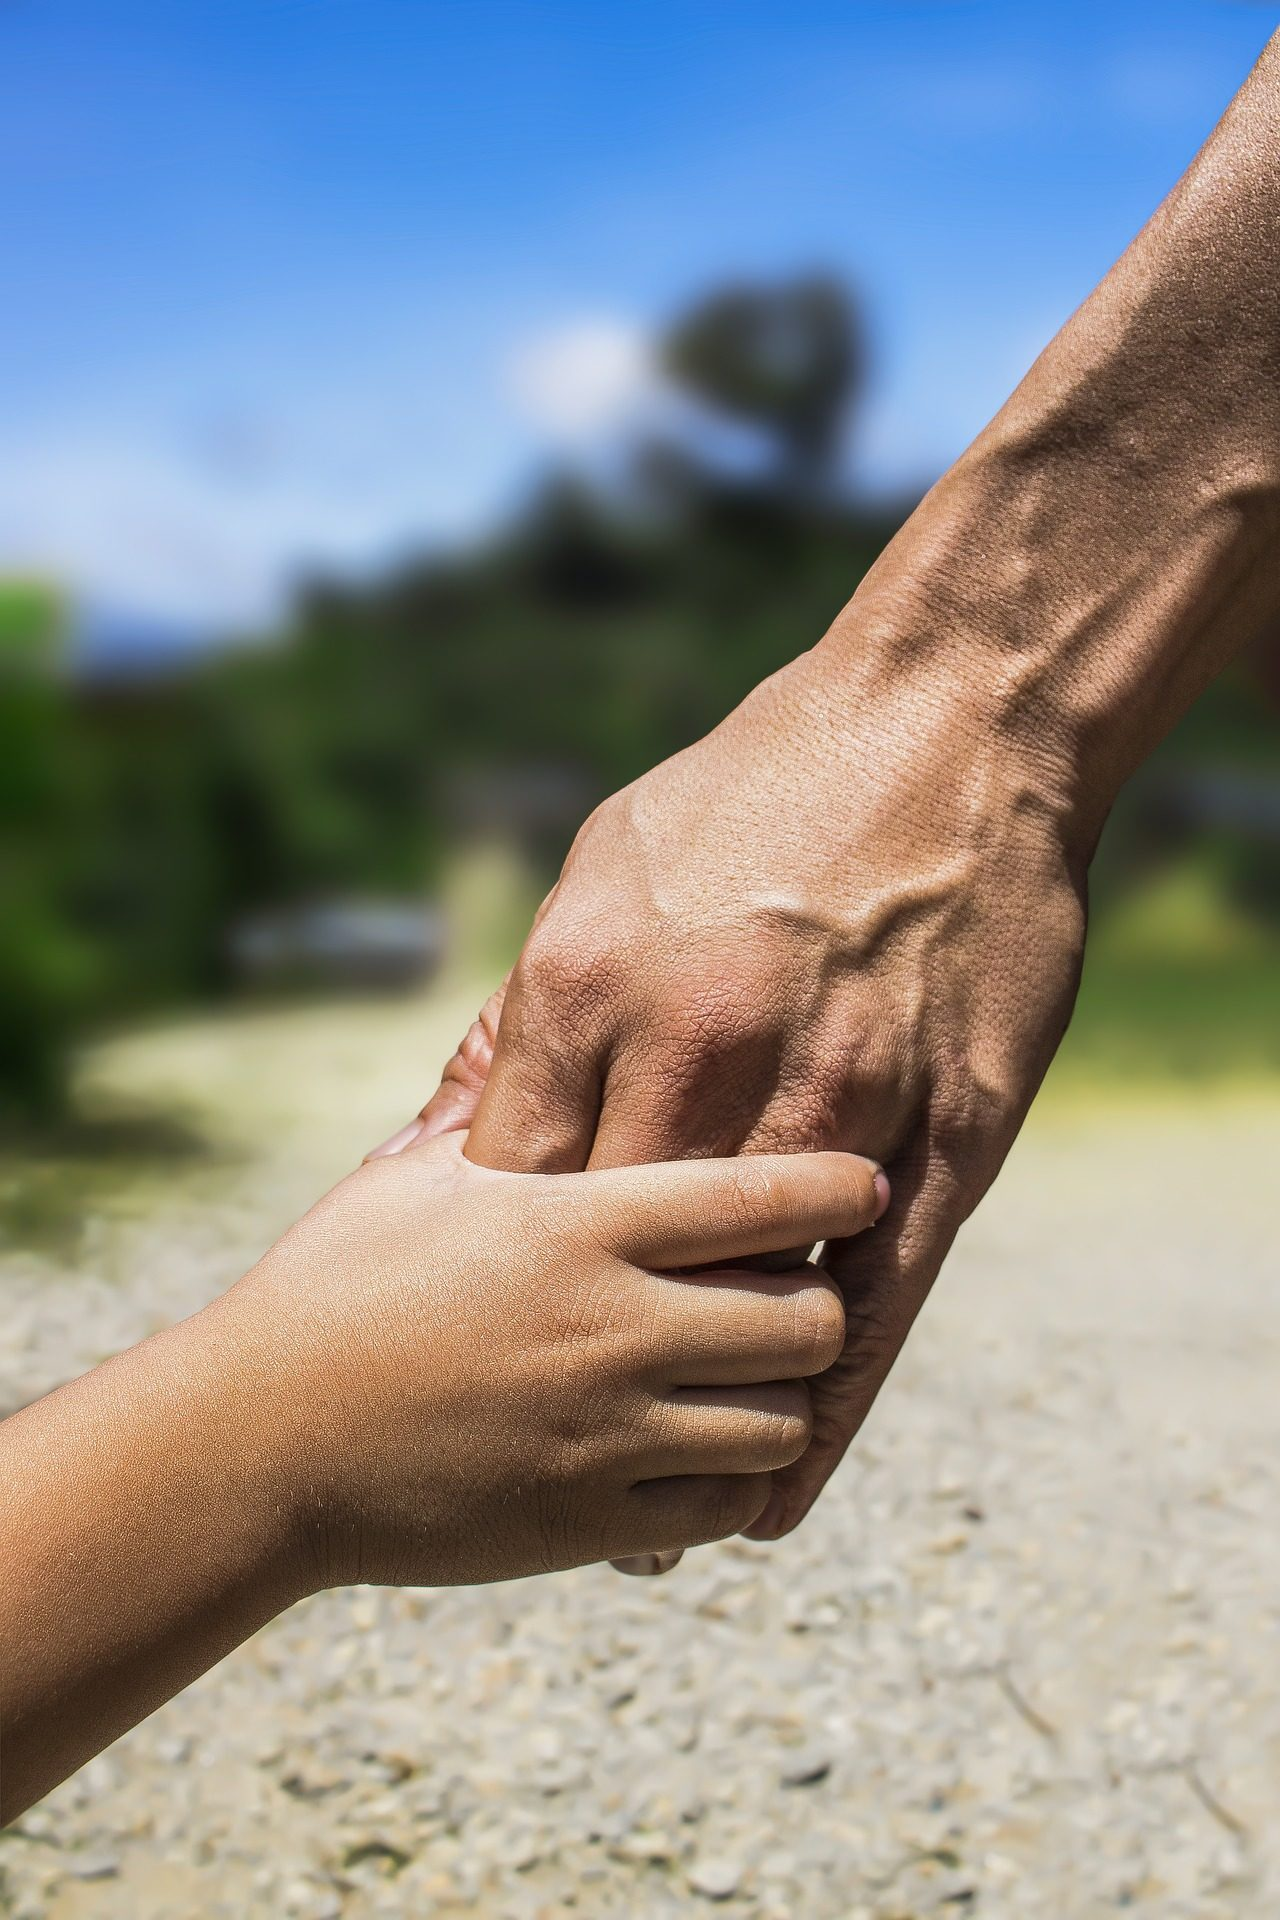 mãos, homem, criança, pai, filho, família - Papéis de parede HD - Professor-falken.com